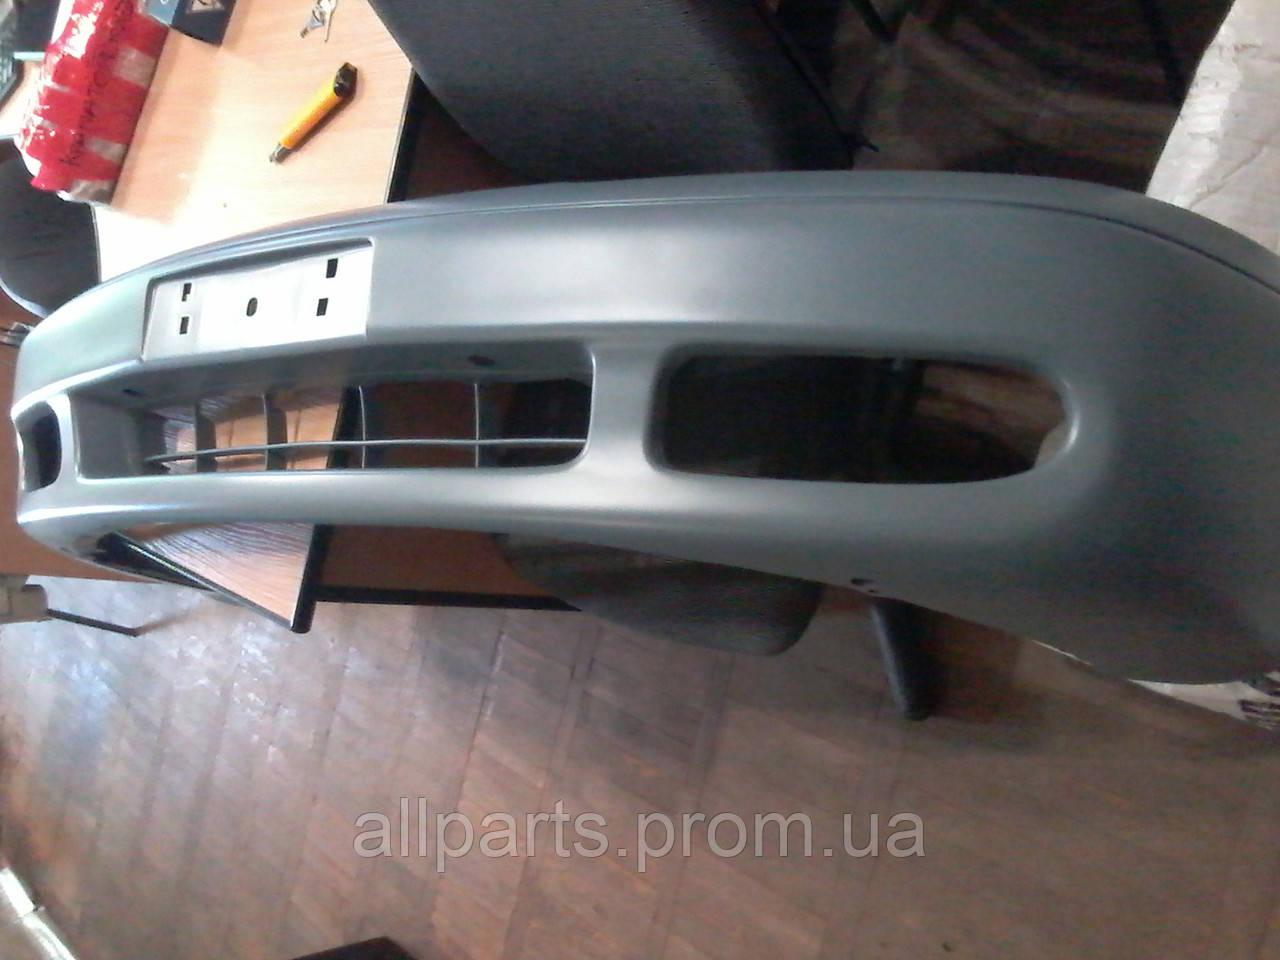 Бампер передний, задний, усилитель и решетки